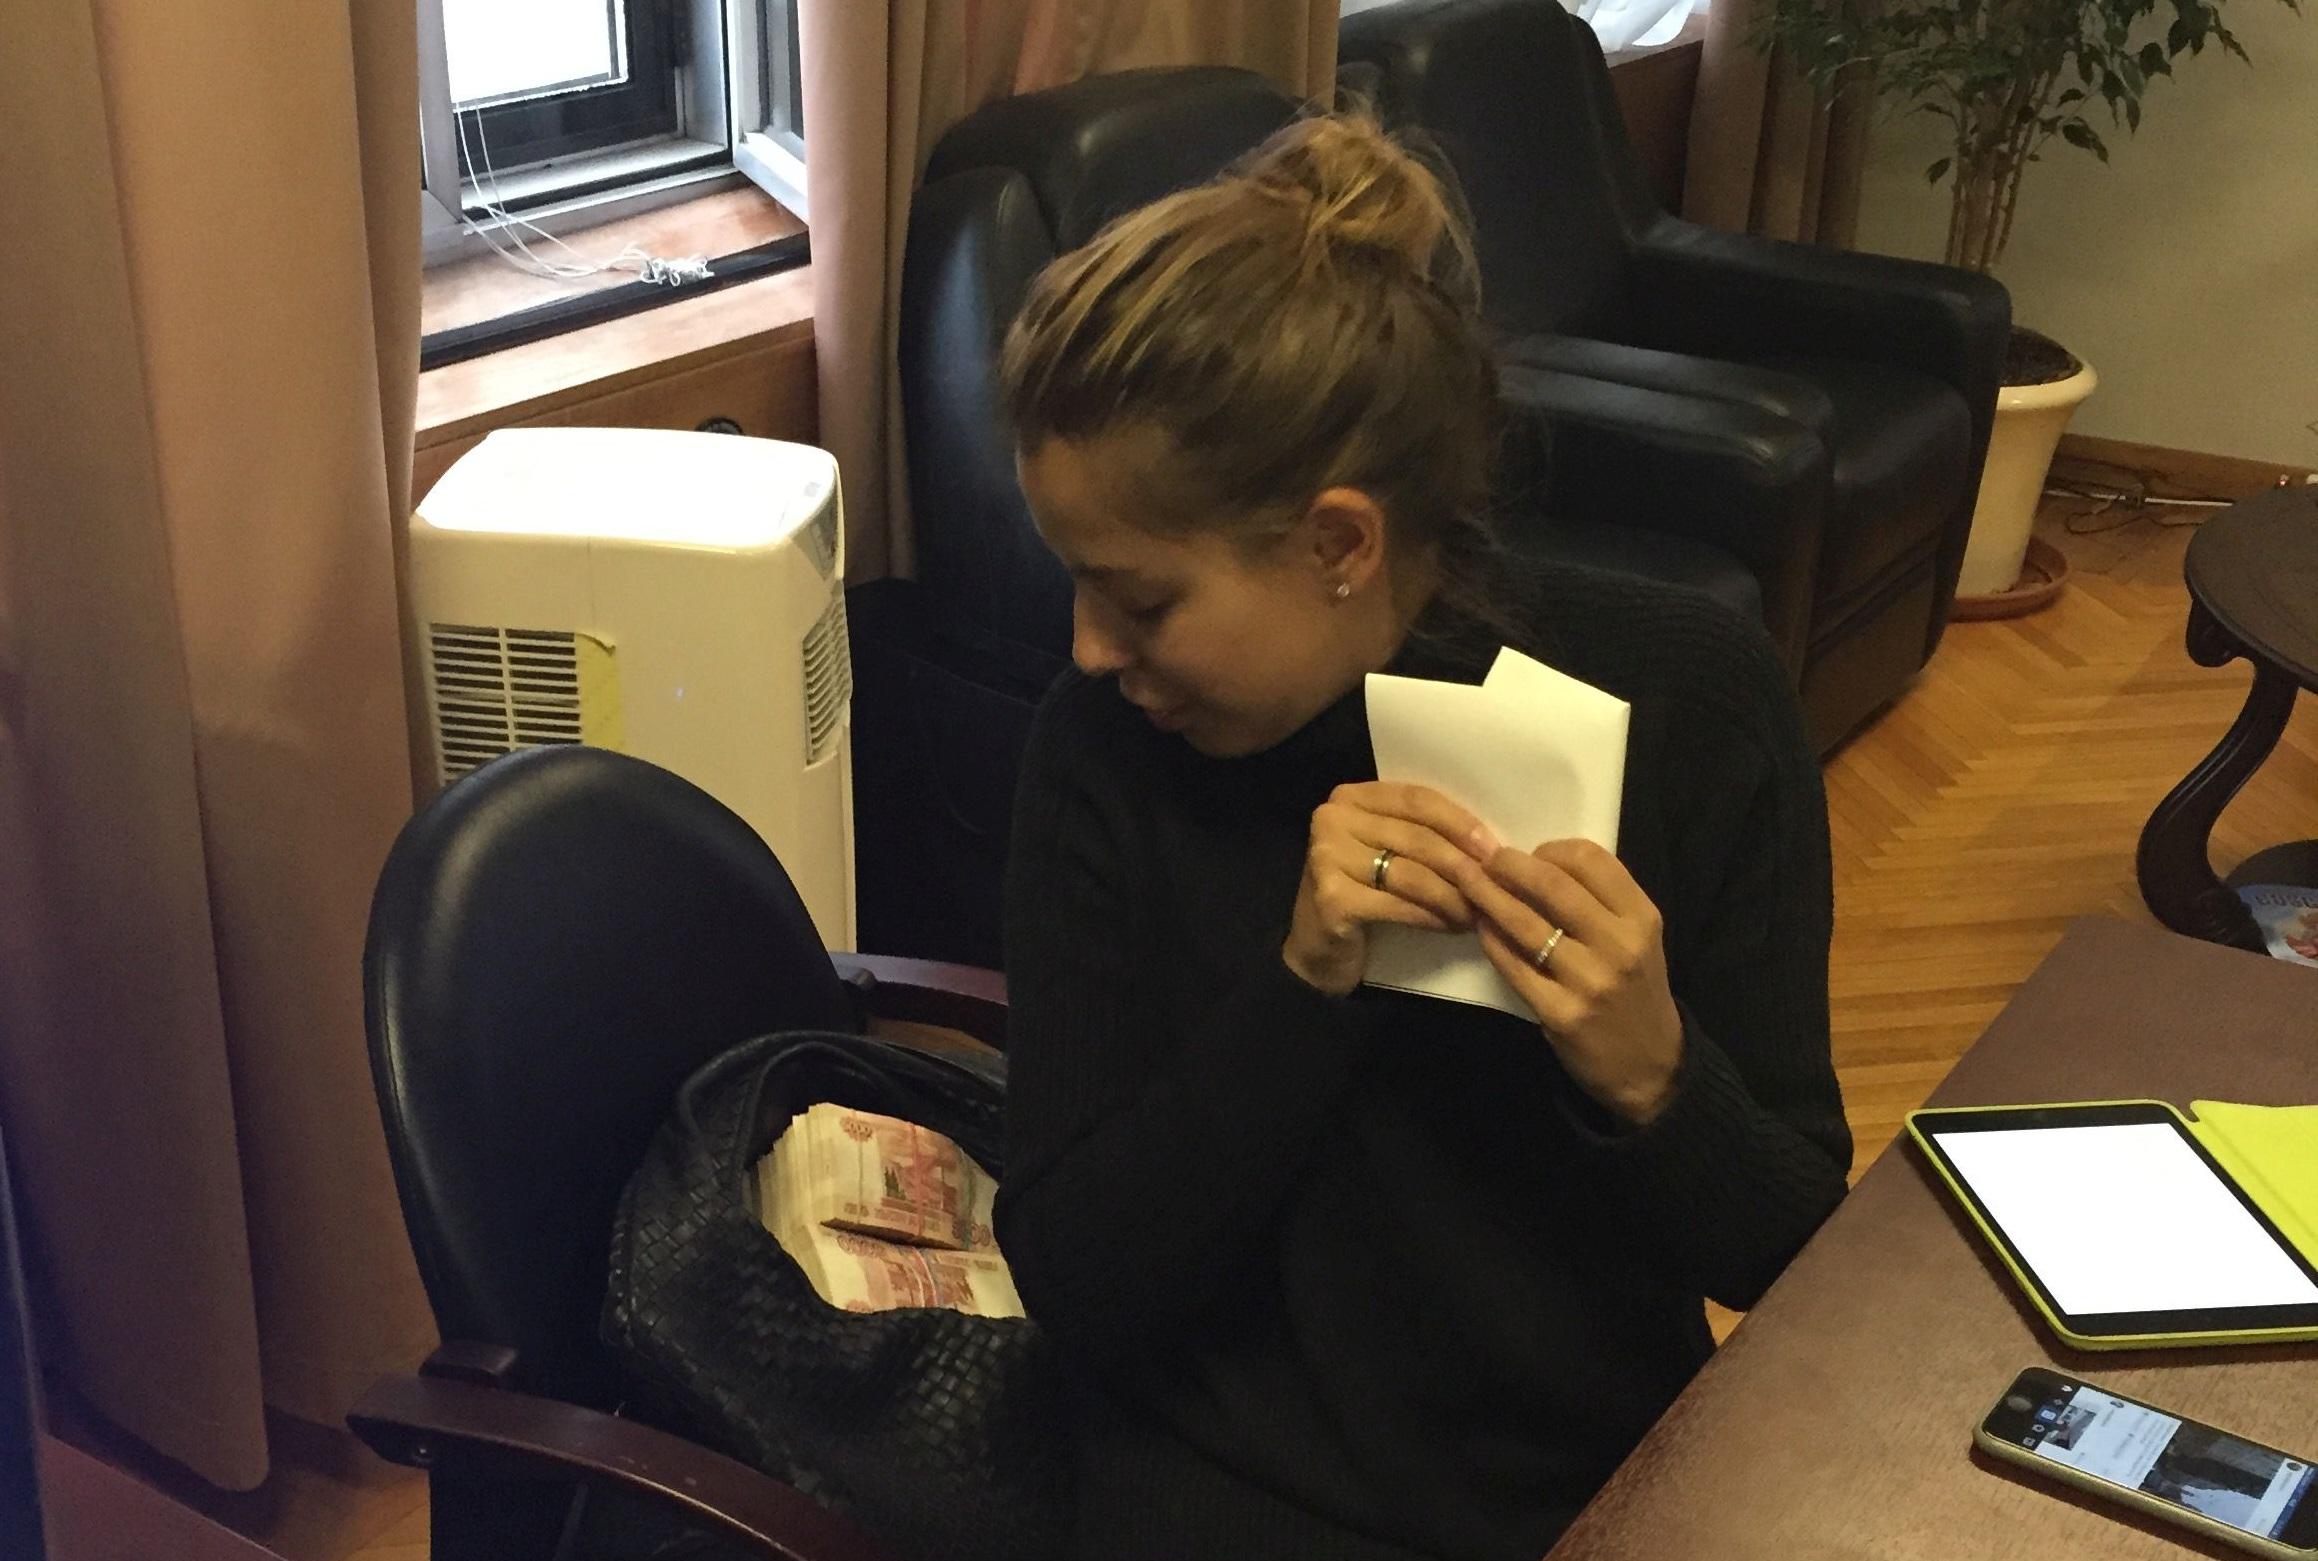 Кристина Потупчик в офисе Тимура Прокопенко с примерно 15 миллионами рублей налом, выданных для запутинского троллинга в соцсетях. Уважаемые рабочие «Уралвагонзавода», пожалуйста, опишите ваши ощущения отэтой фотографии.